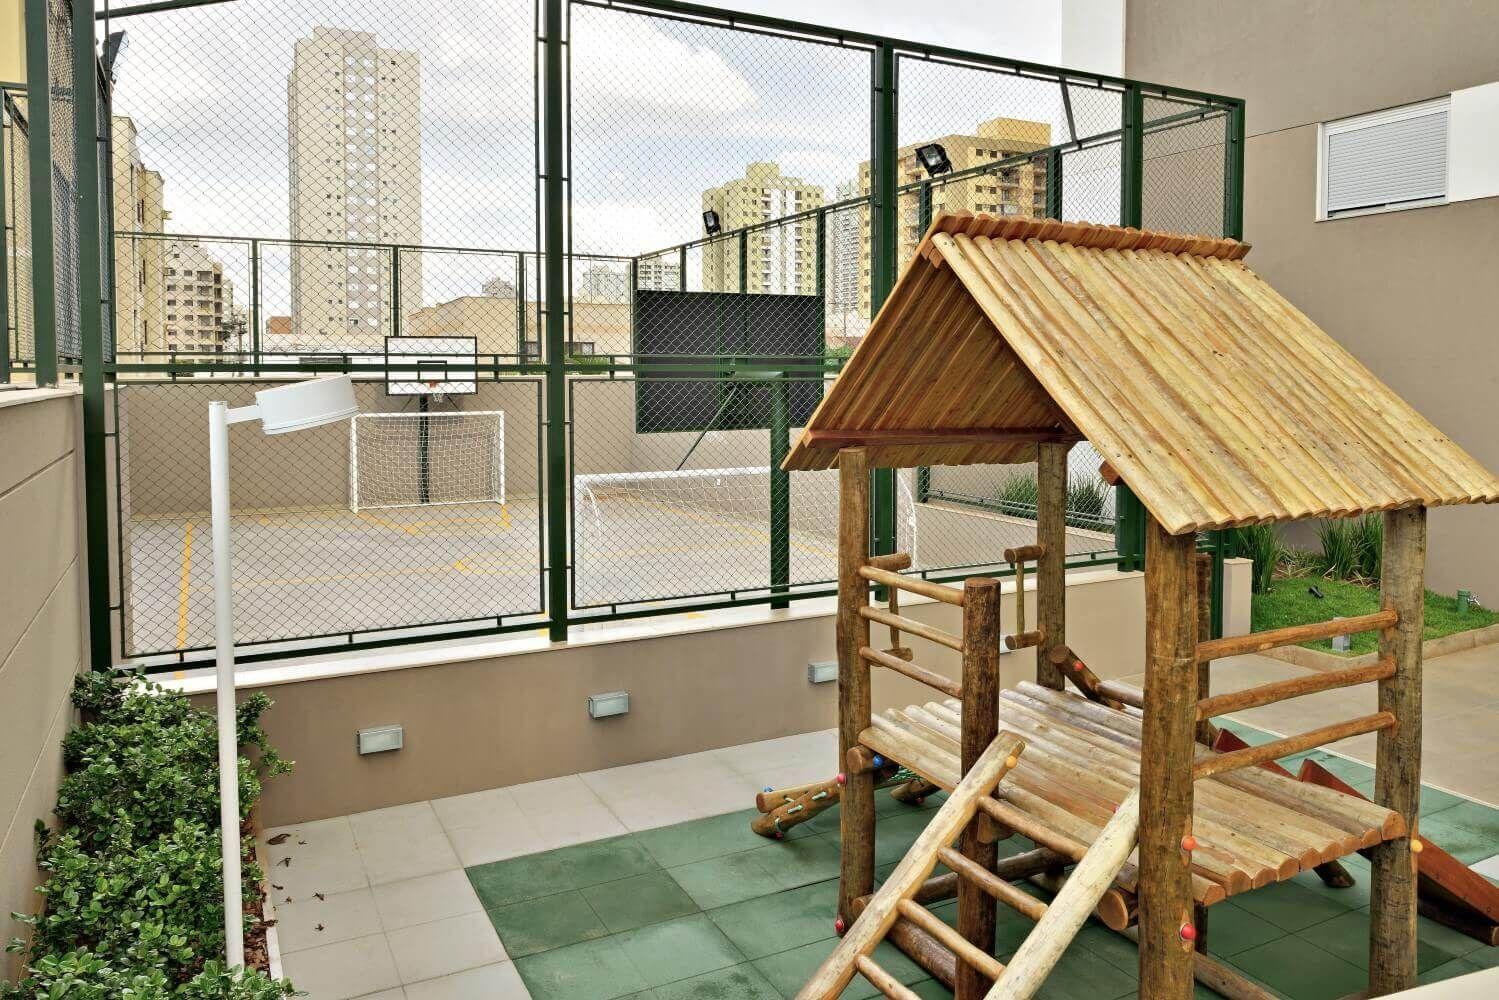 518 - Apto Santa Cruz 127 m²